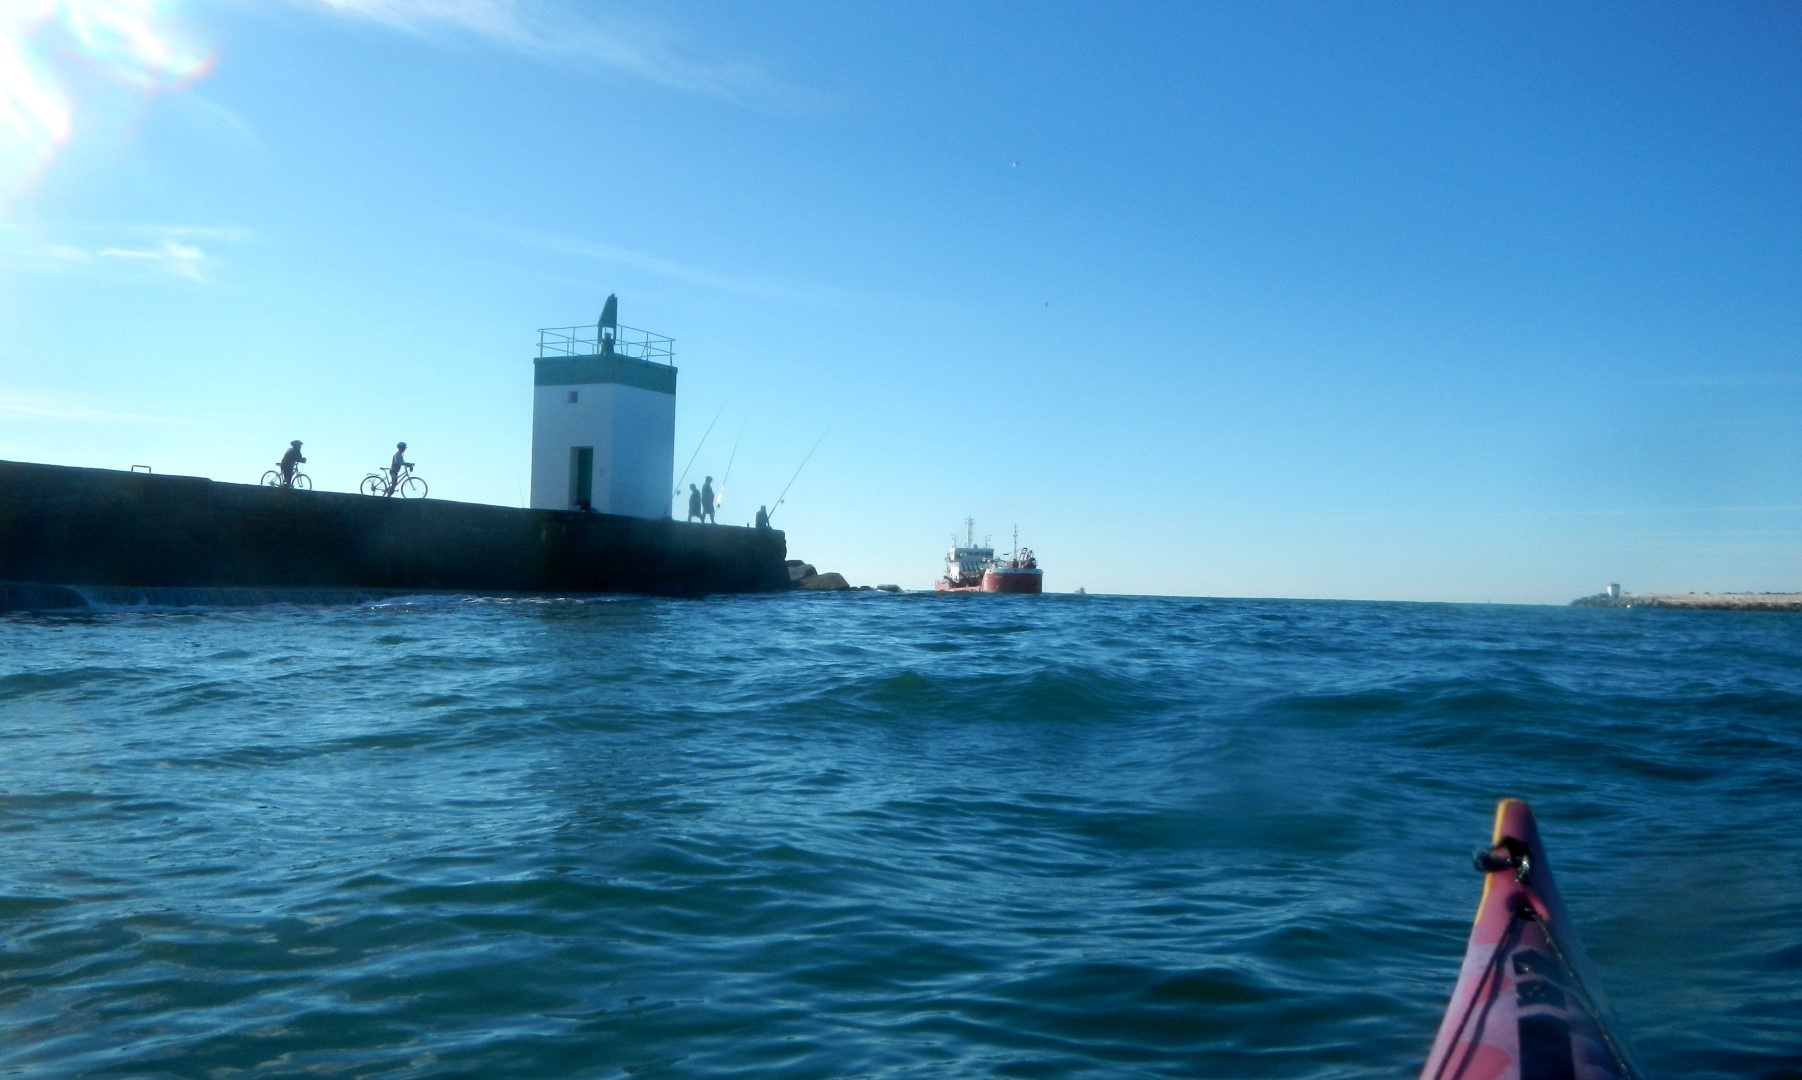 Sortie sur l'Océan, avec d'utres navires...